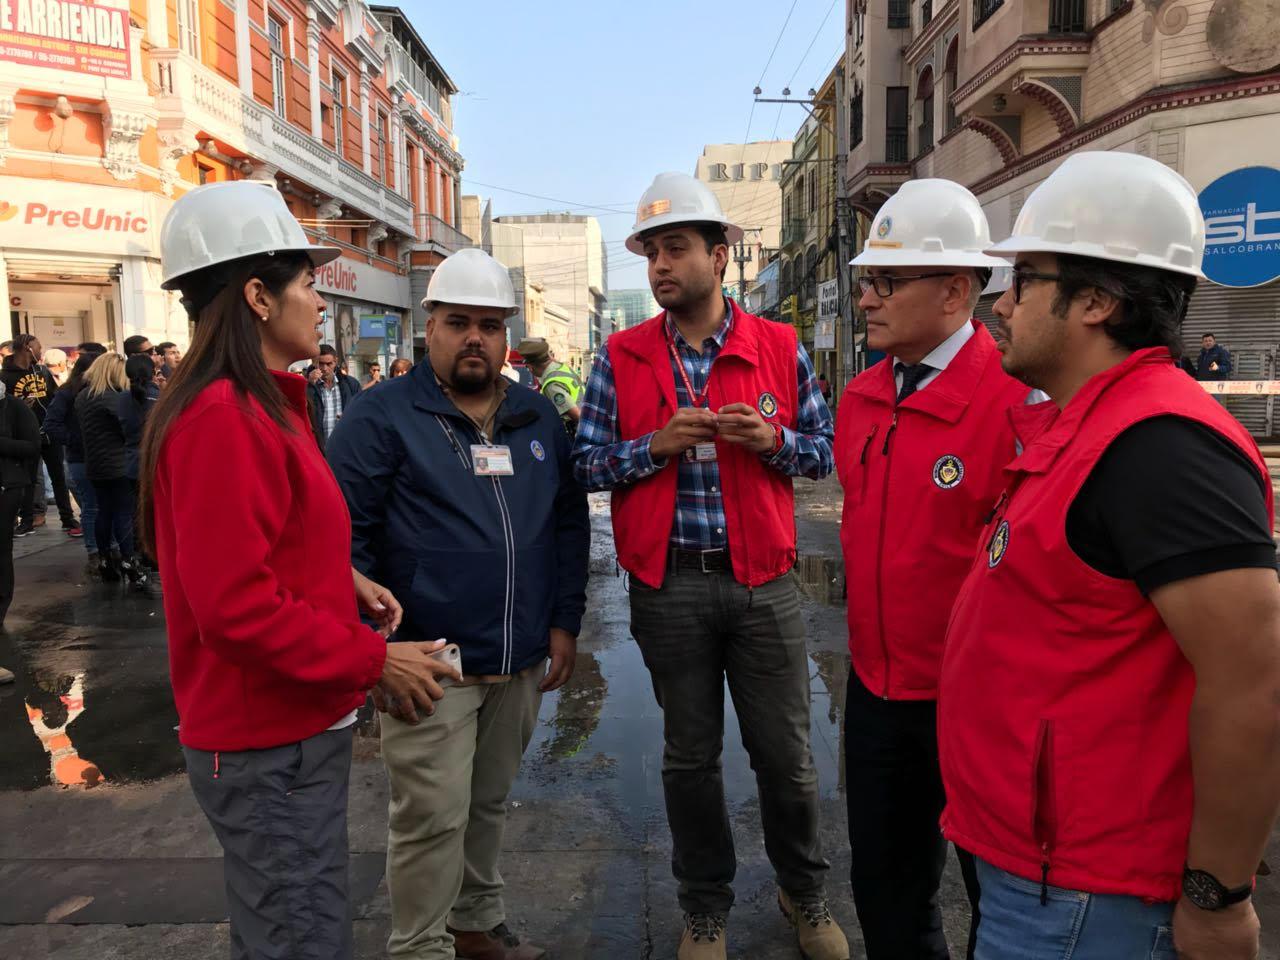 alcaldesa-brindo-apoyo-a-victimas-de-incendio-en-antofagasta